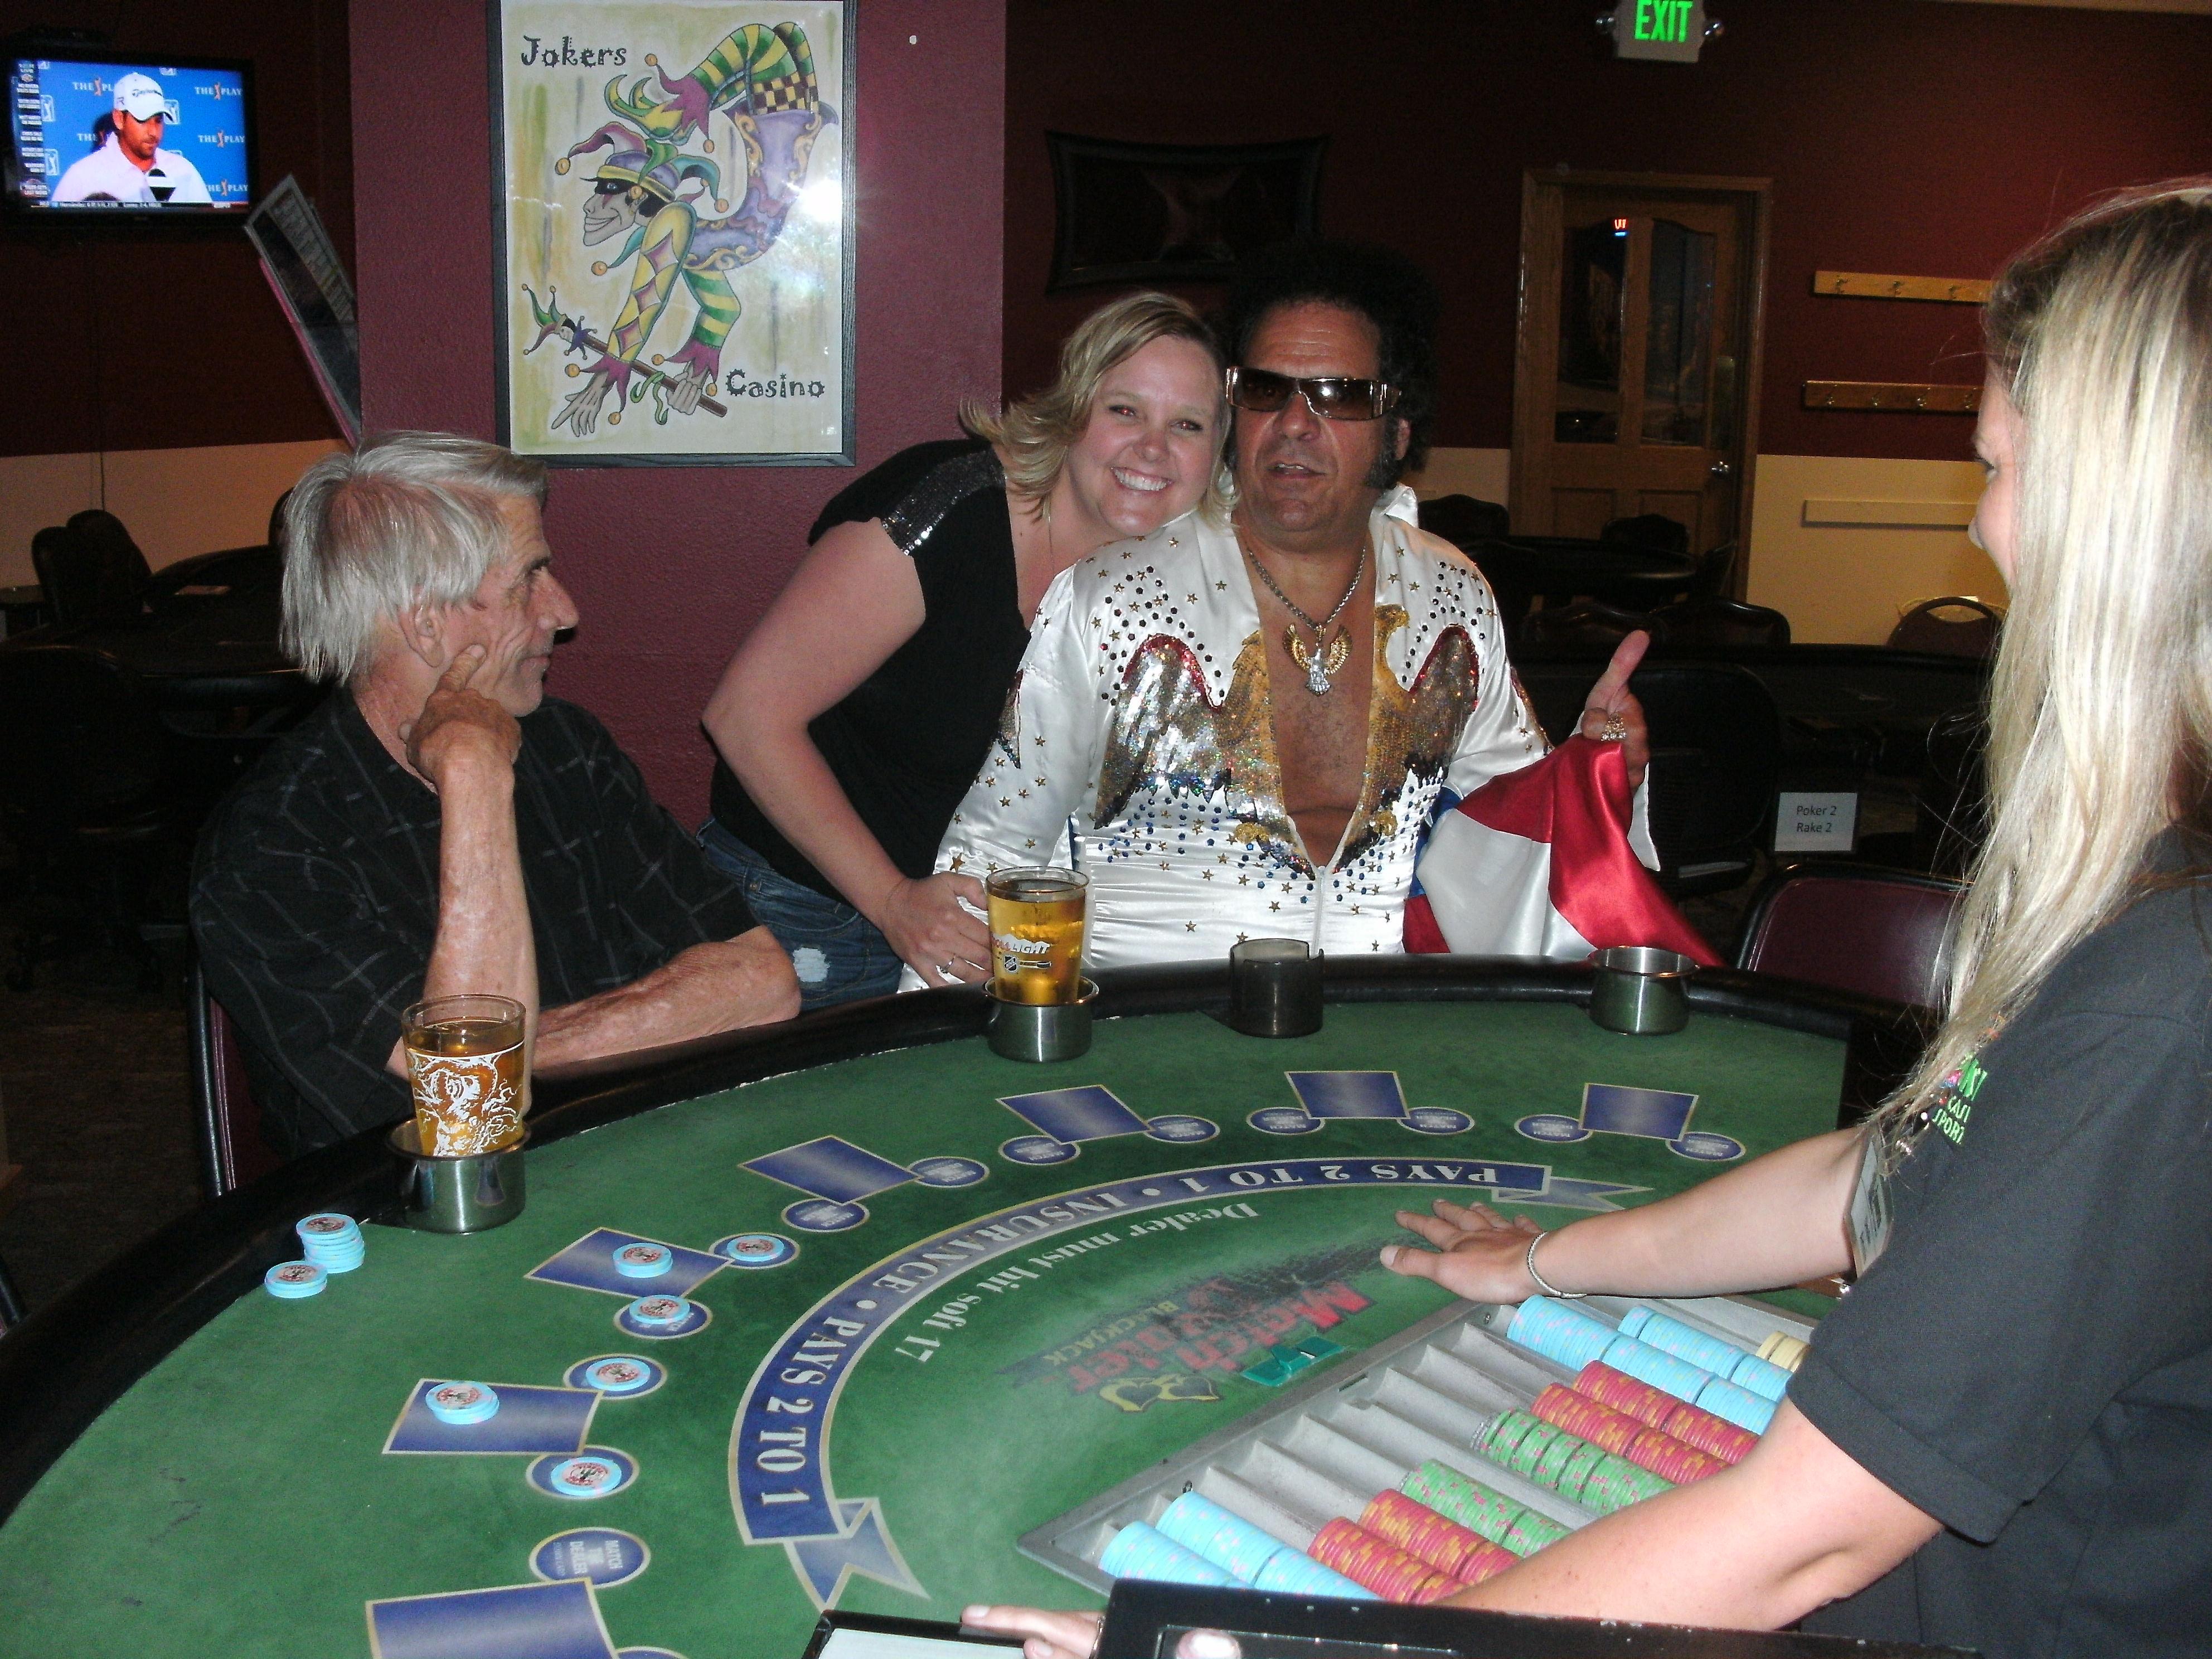 Jokers casino richland